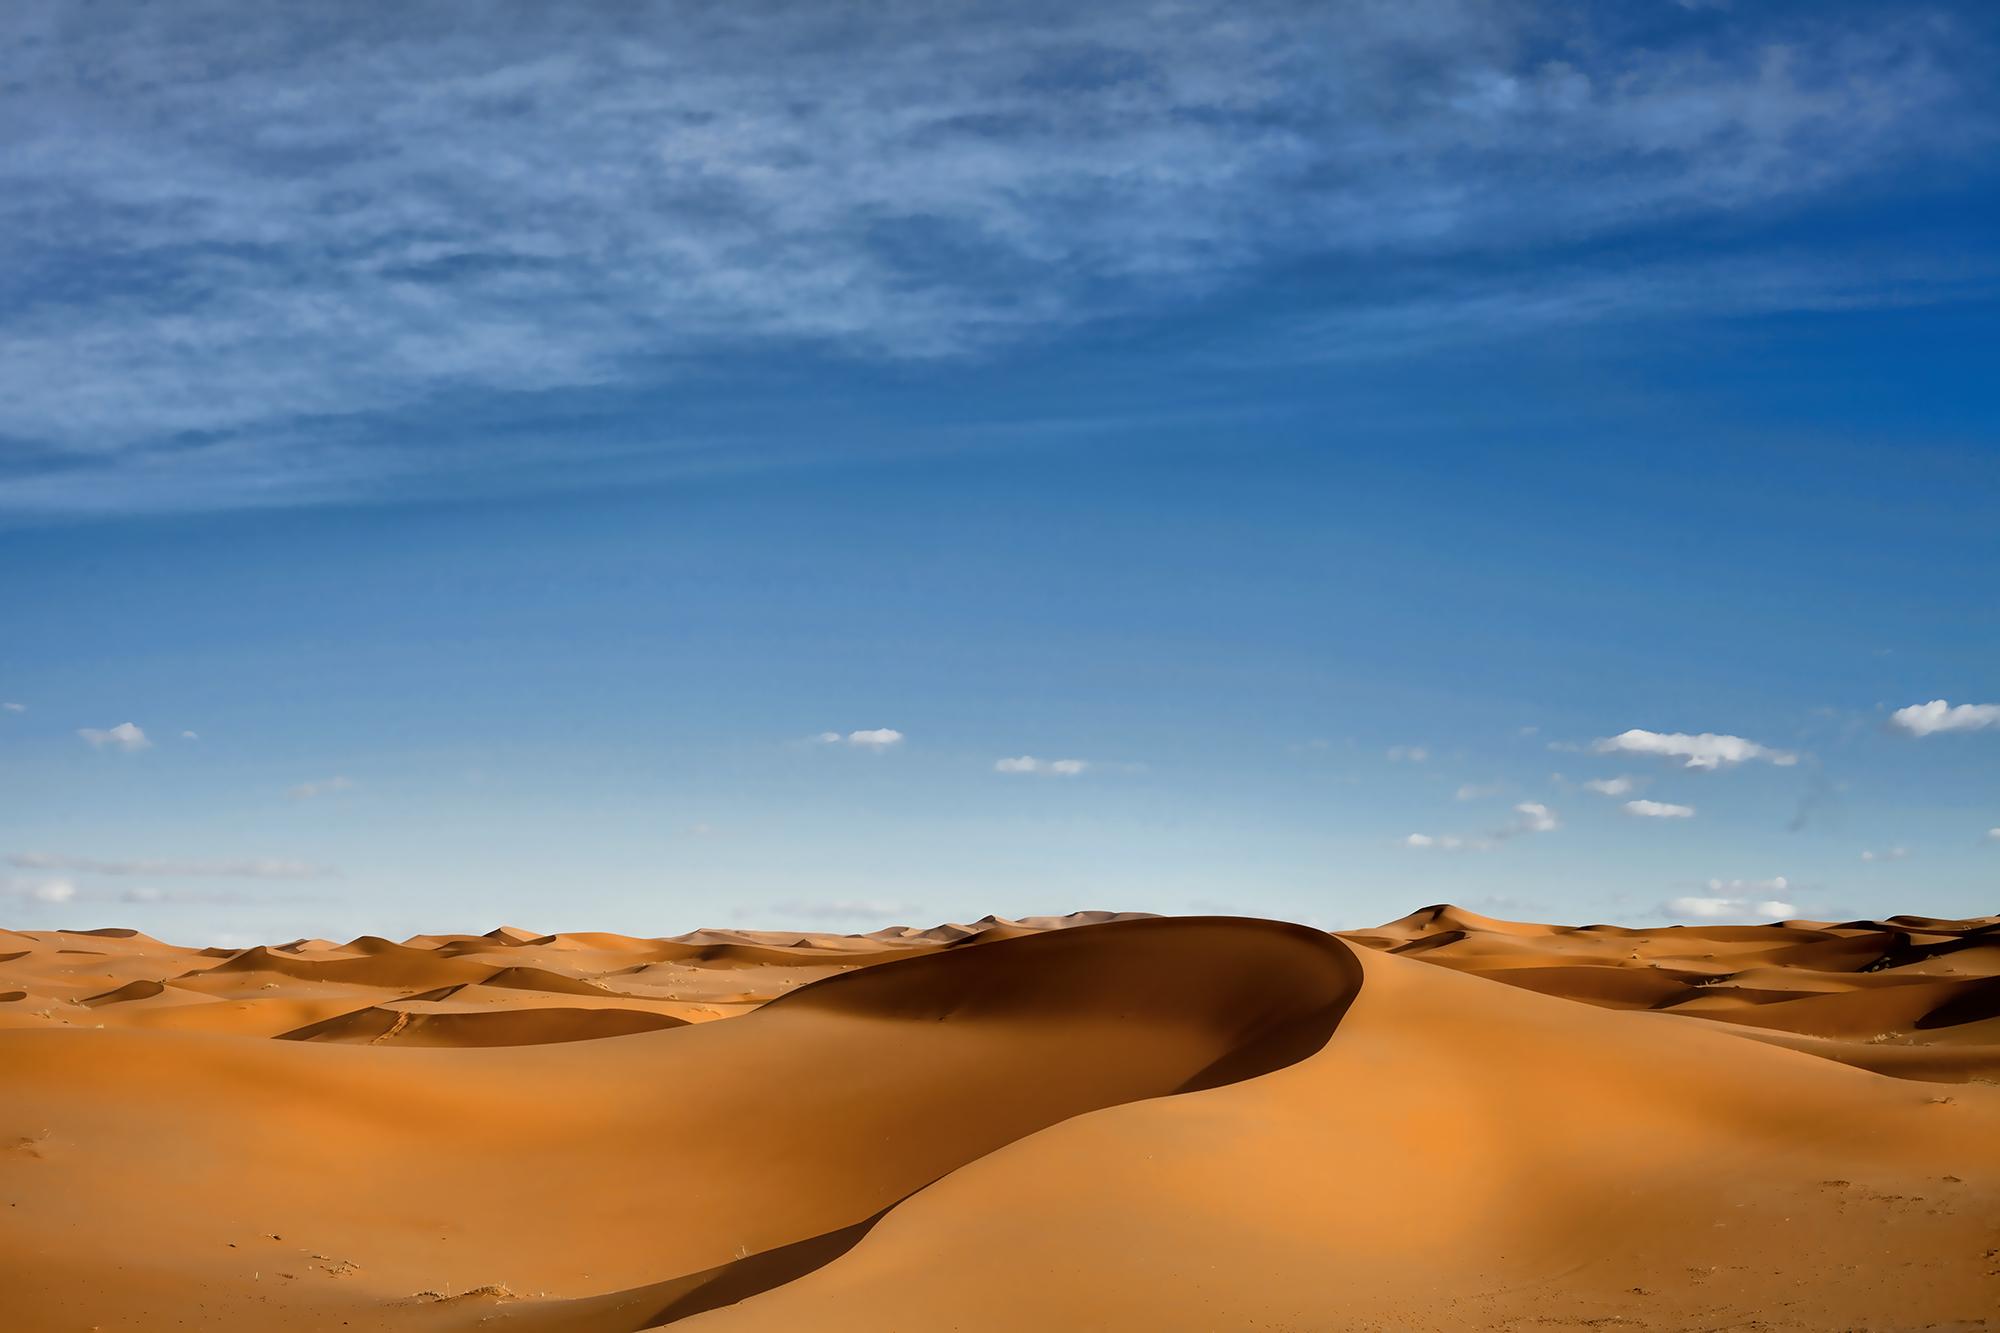 Erg Chebbi, Sahara Desert